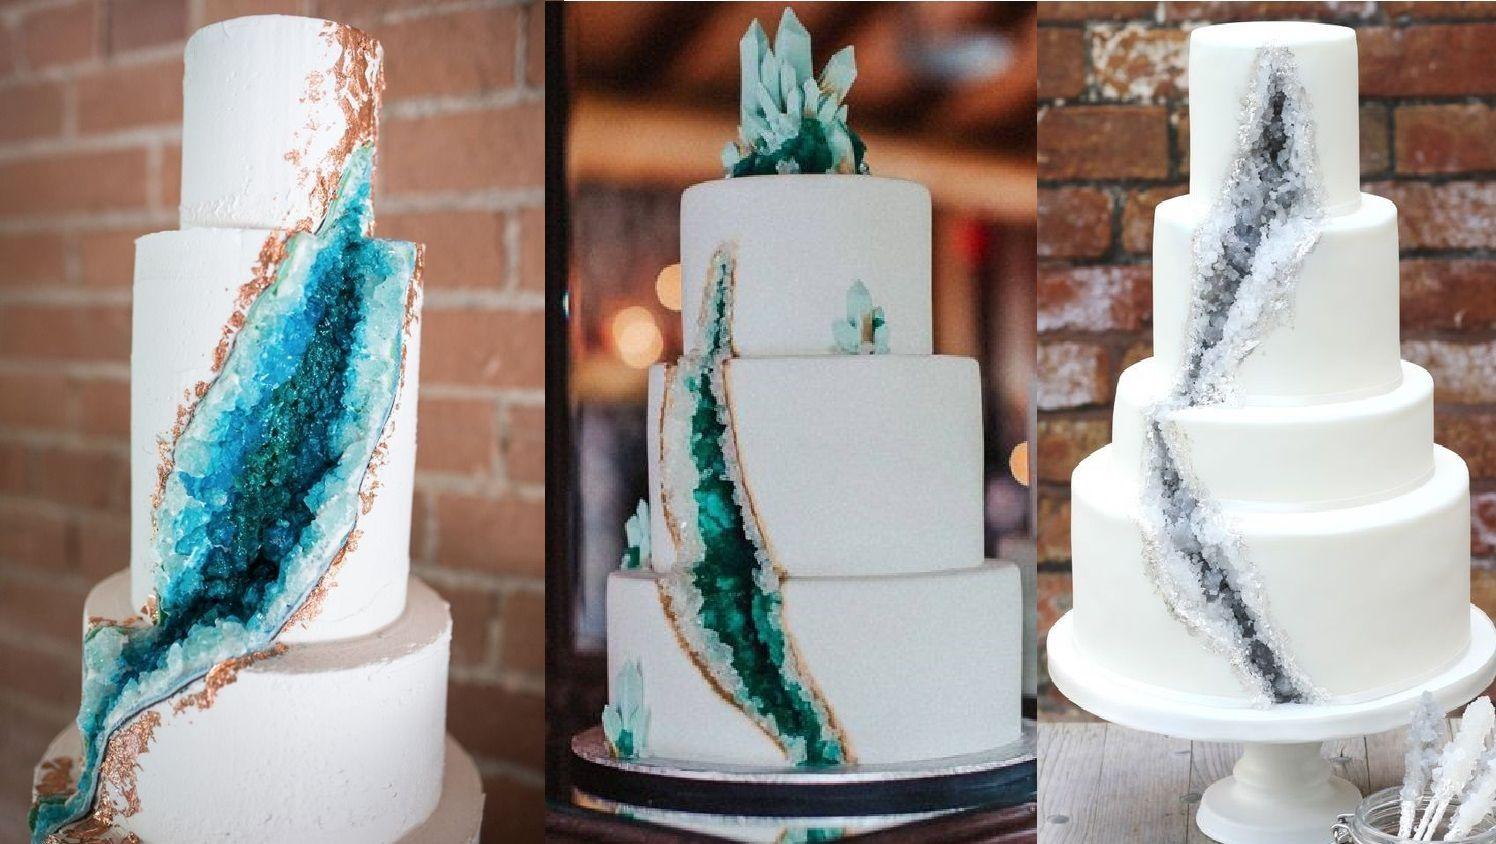 Kue Pengantin dengan Dekorasi Kristal yang Memikat Hati